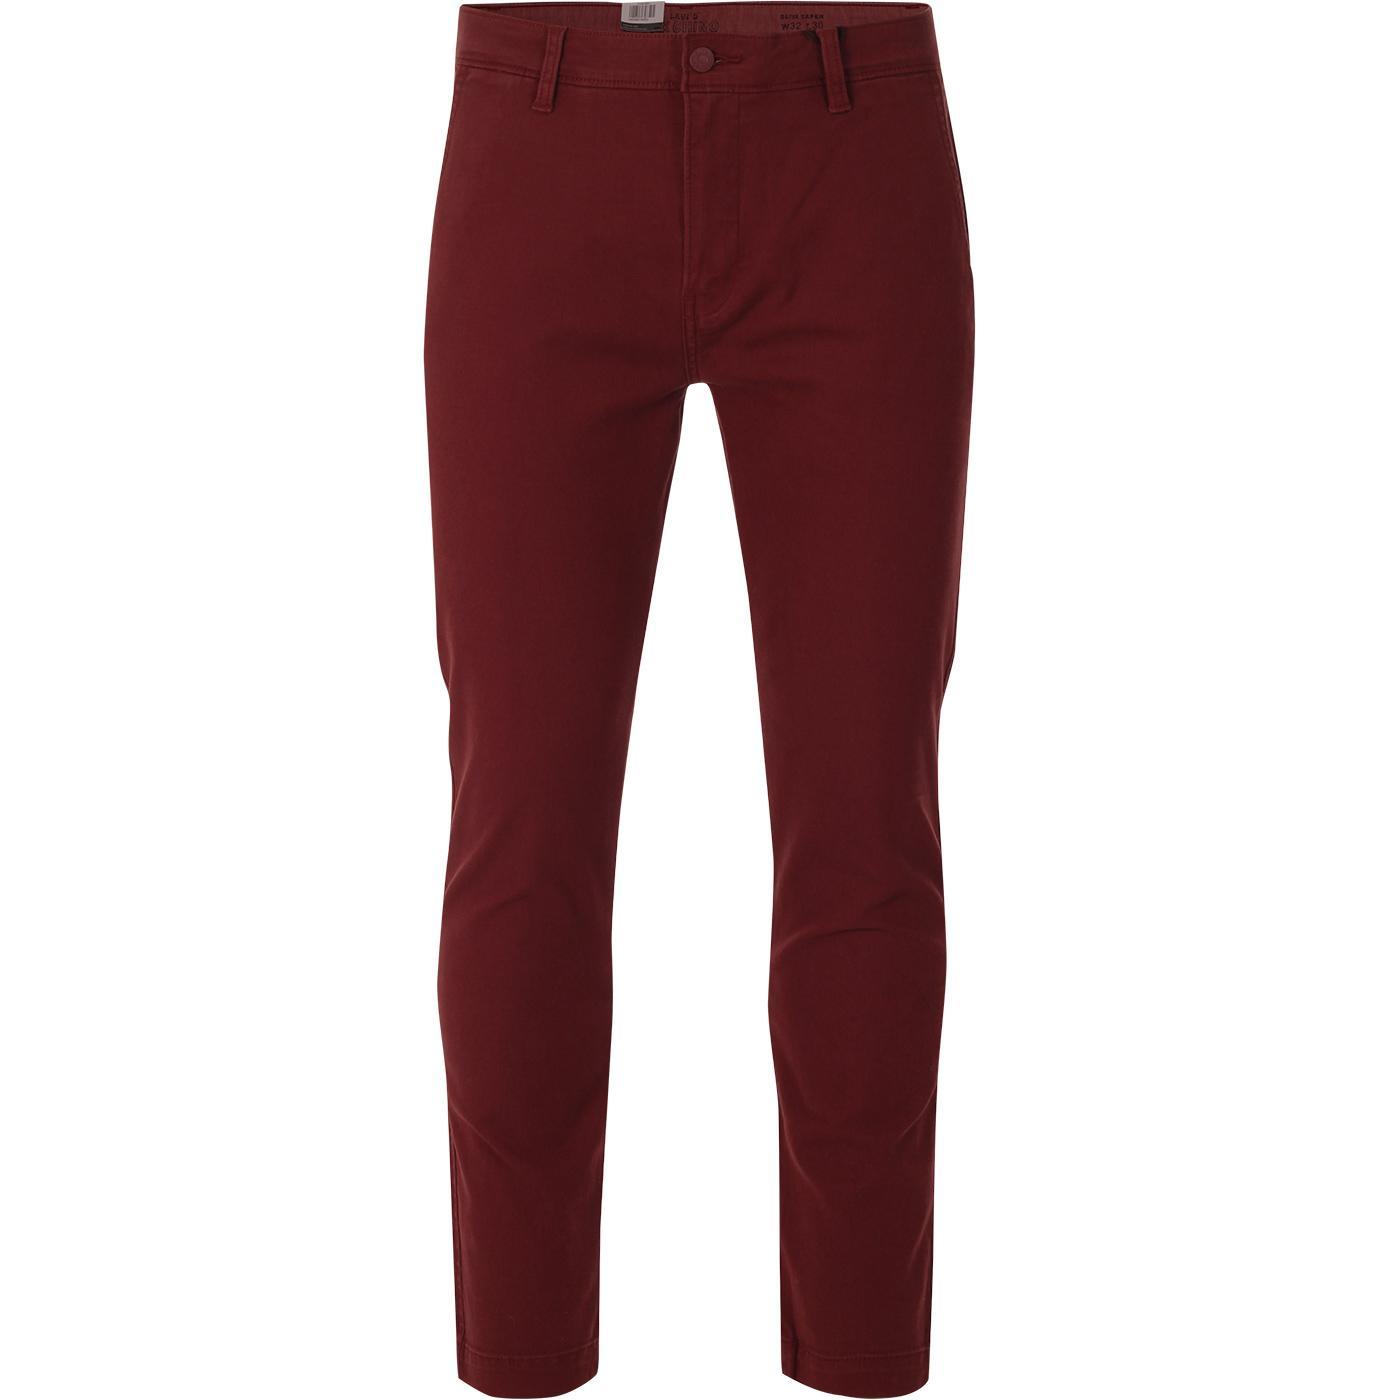 LEVI'S Slim Taper XX Men's Chino II Trousers (MB)